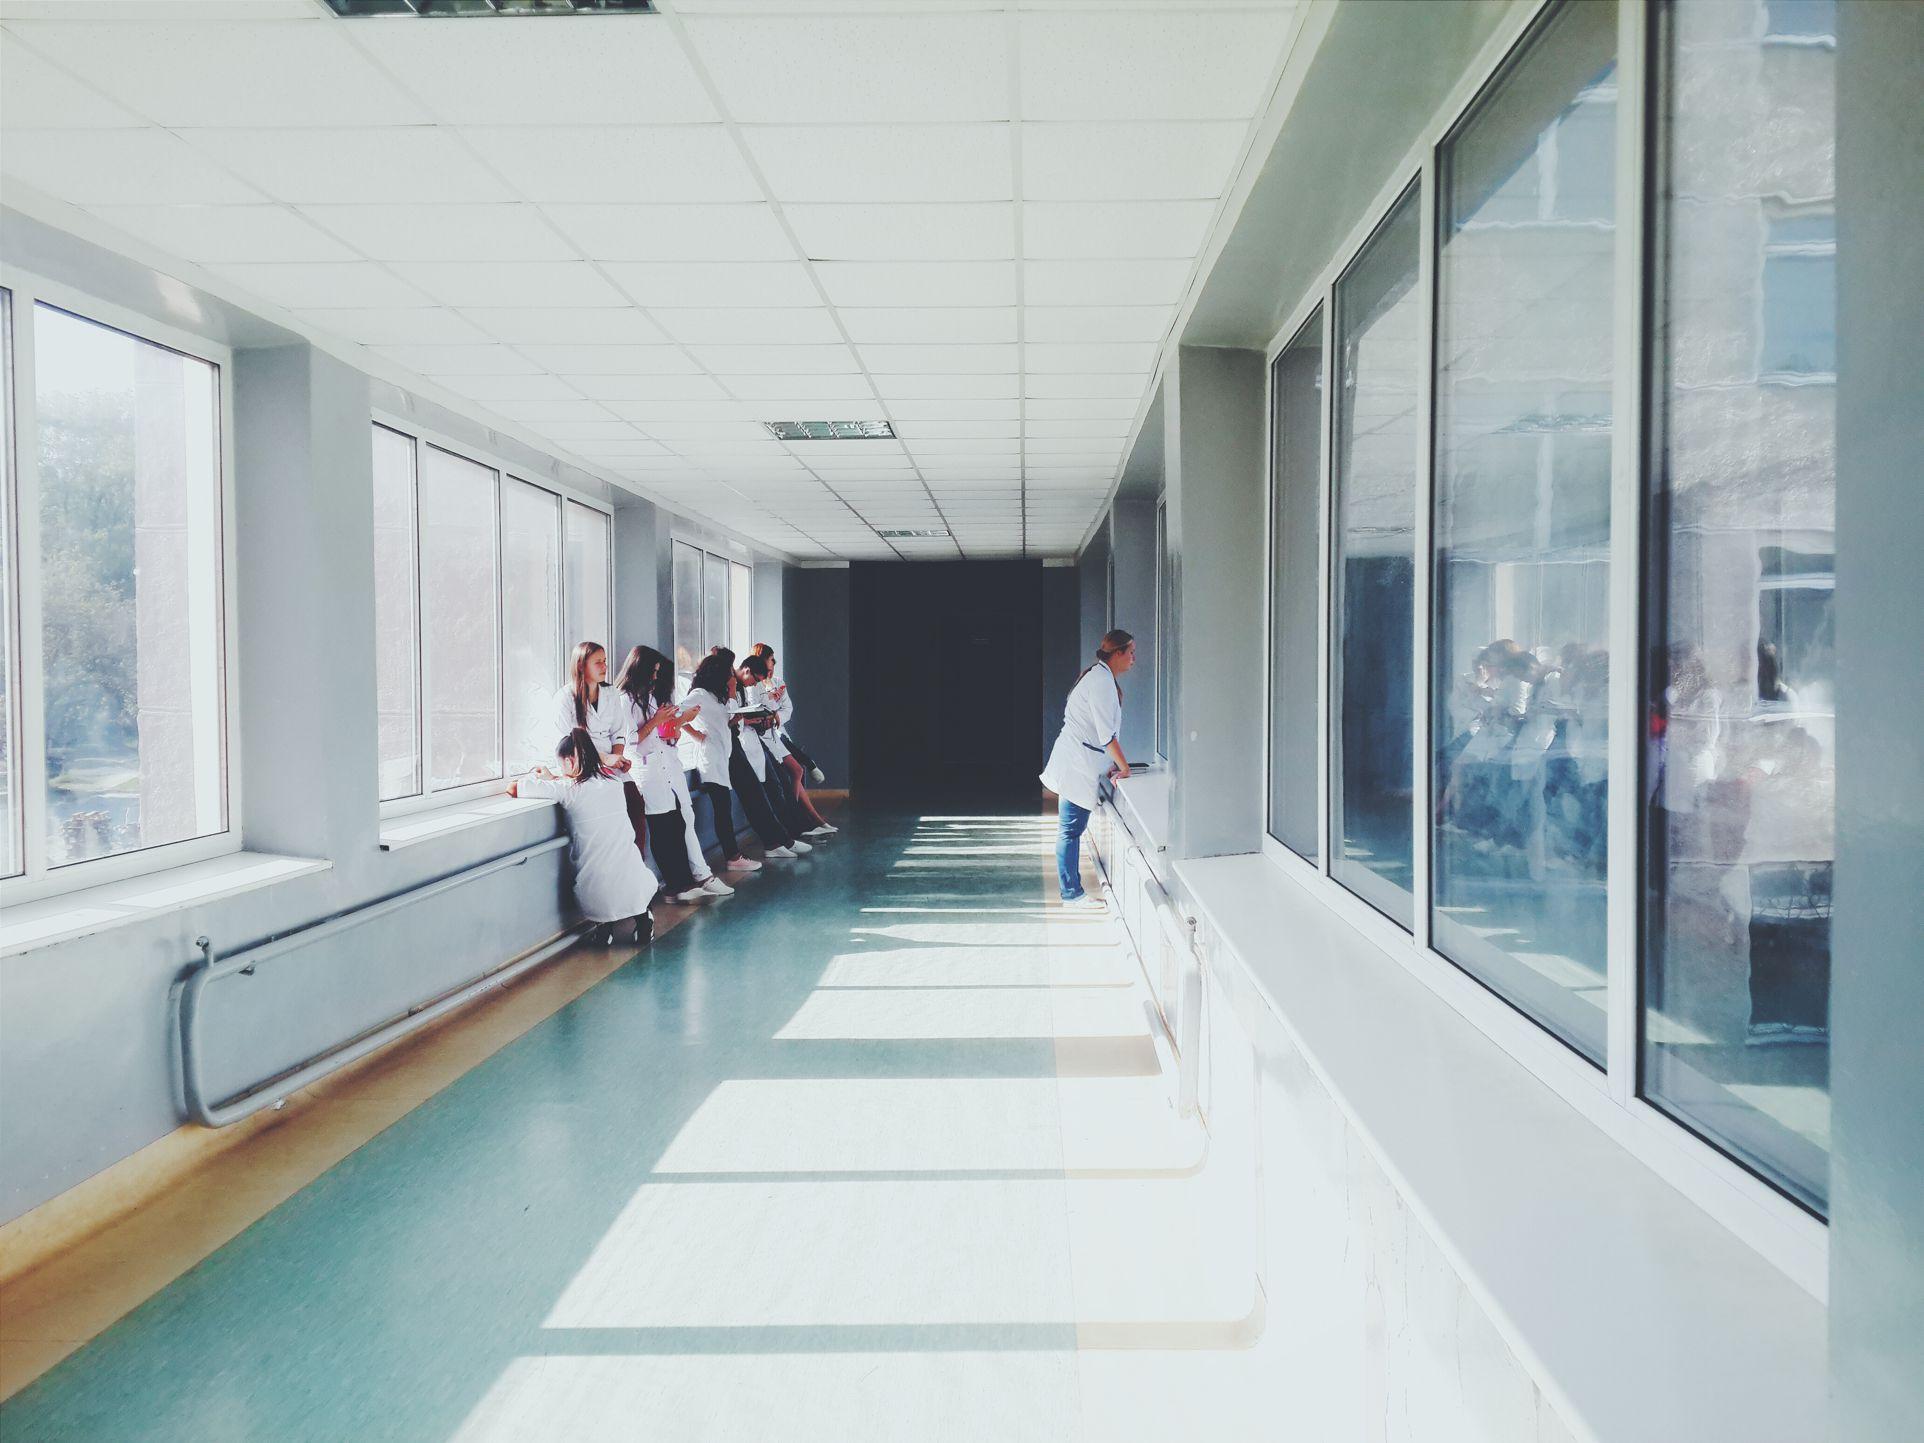 Hoe overleef ik het medische circuit?